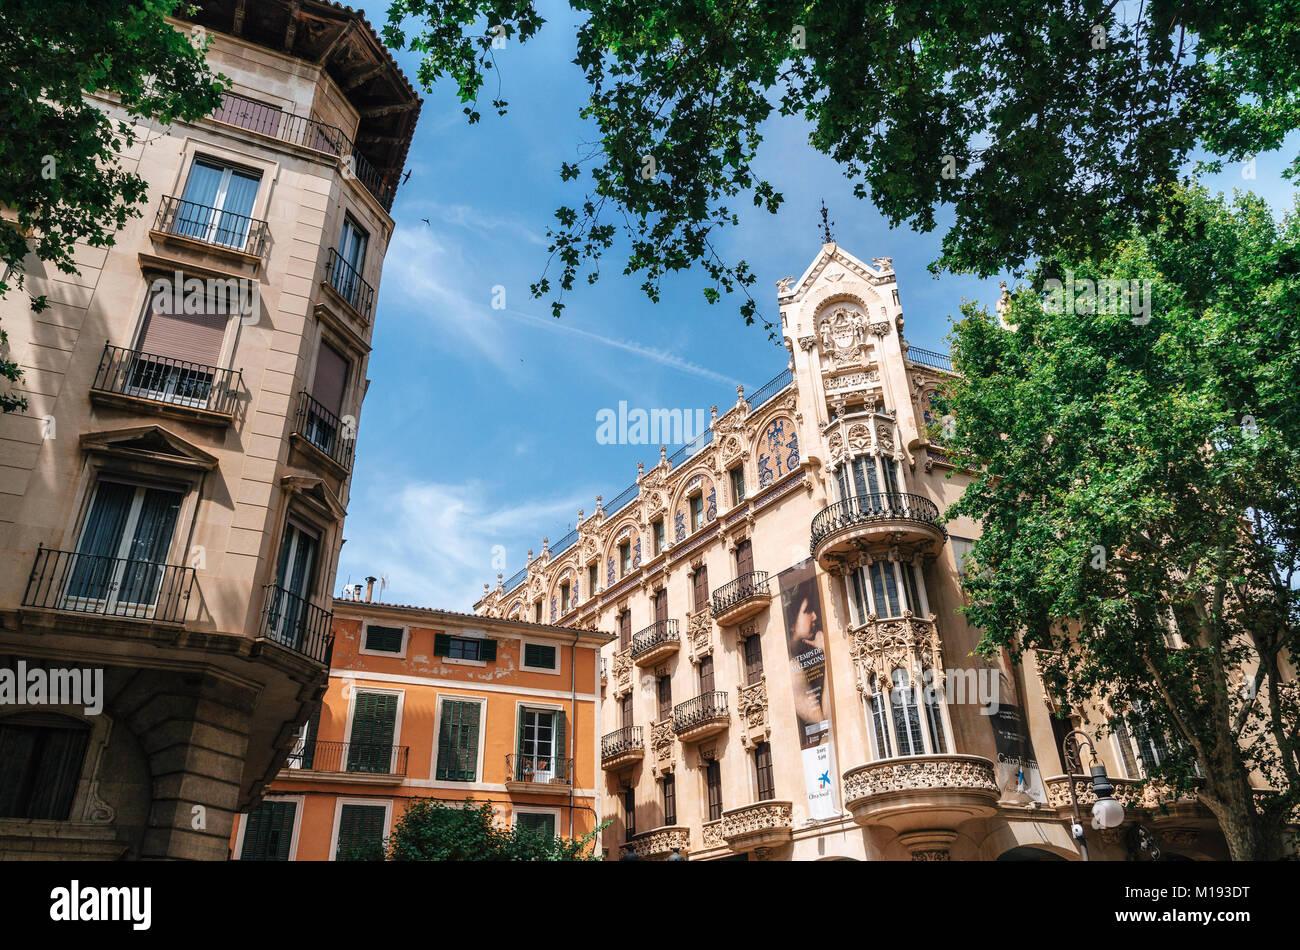 Palma de Majorque, Espagne - 27 mai 2016: l'architecture méditerranéenne moderne dans la région Photo Stock